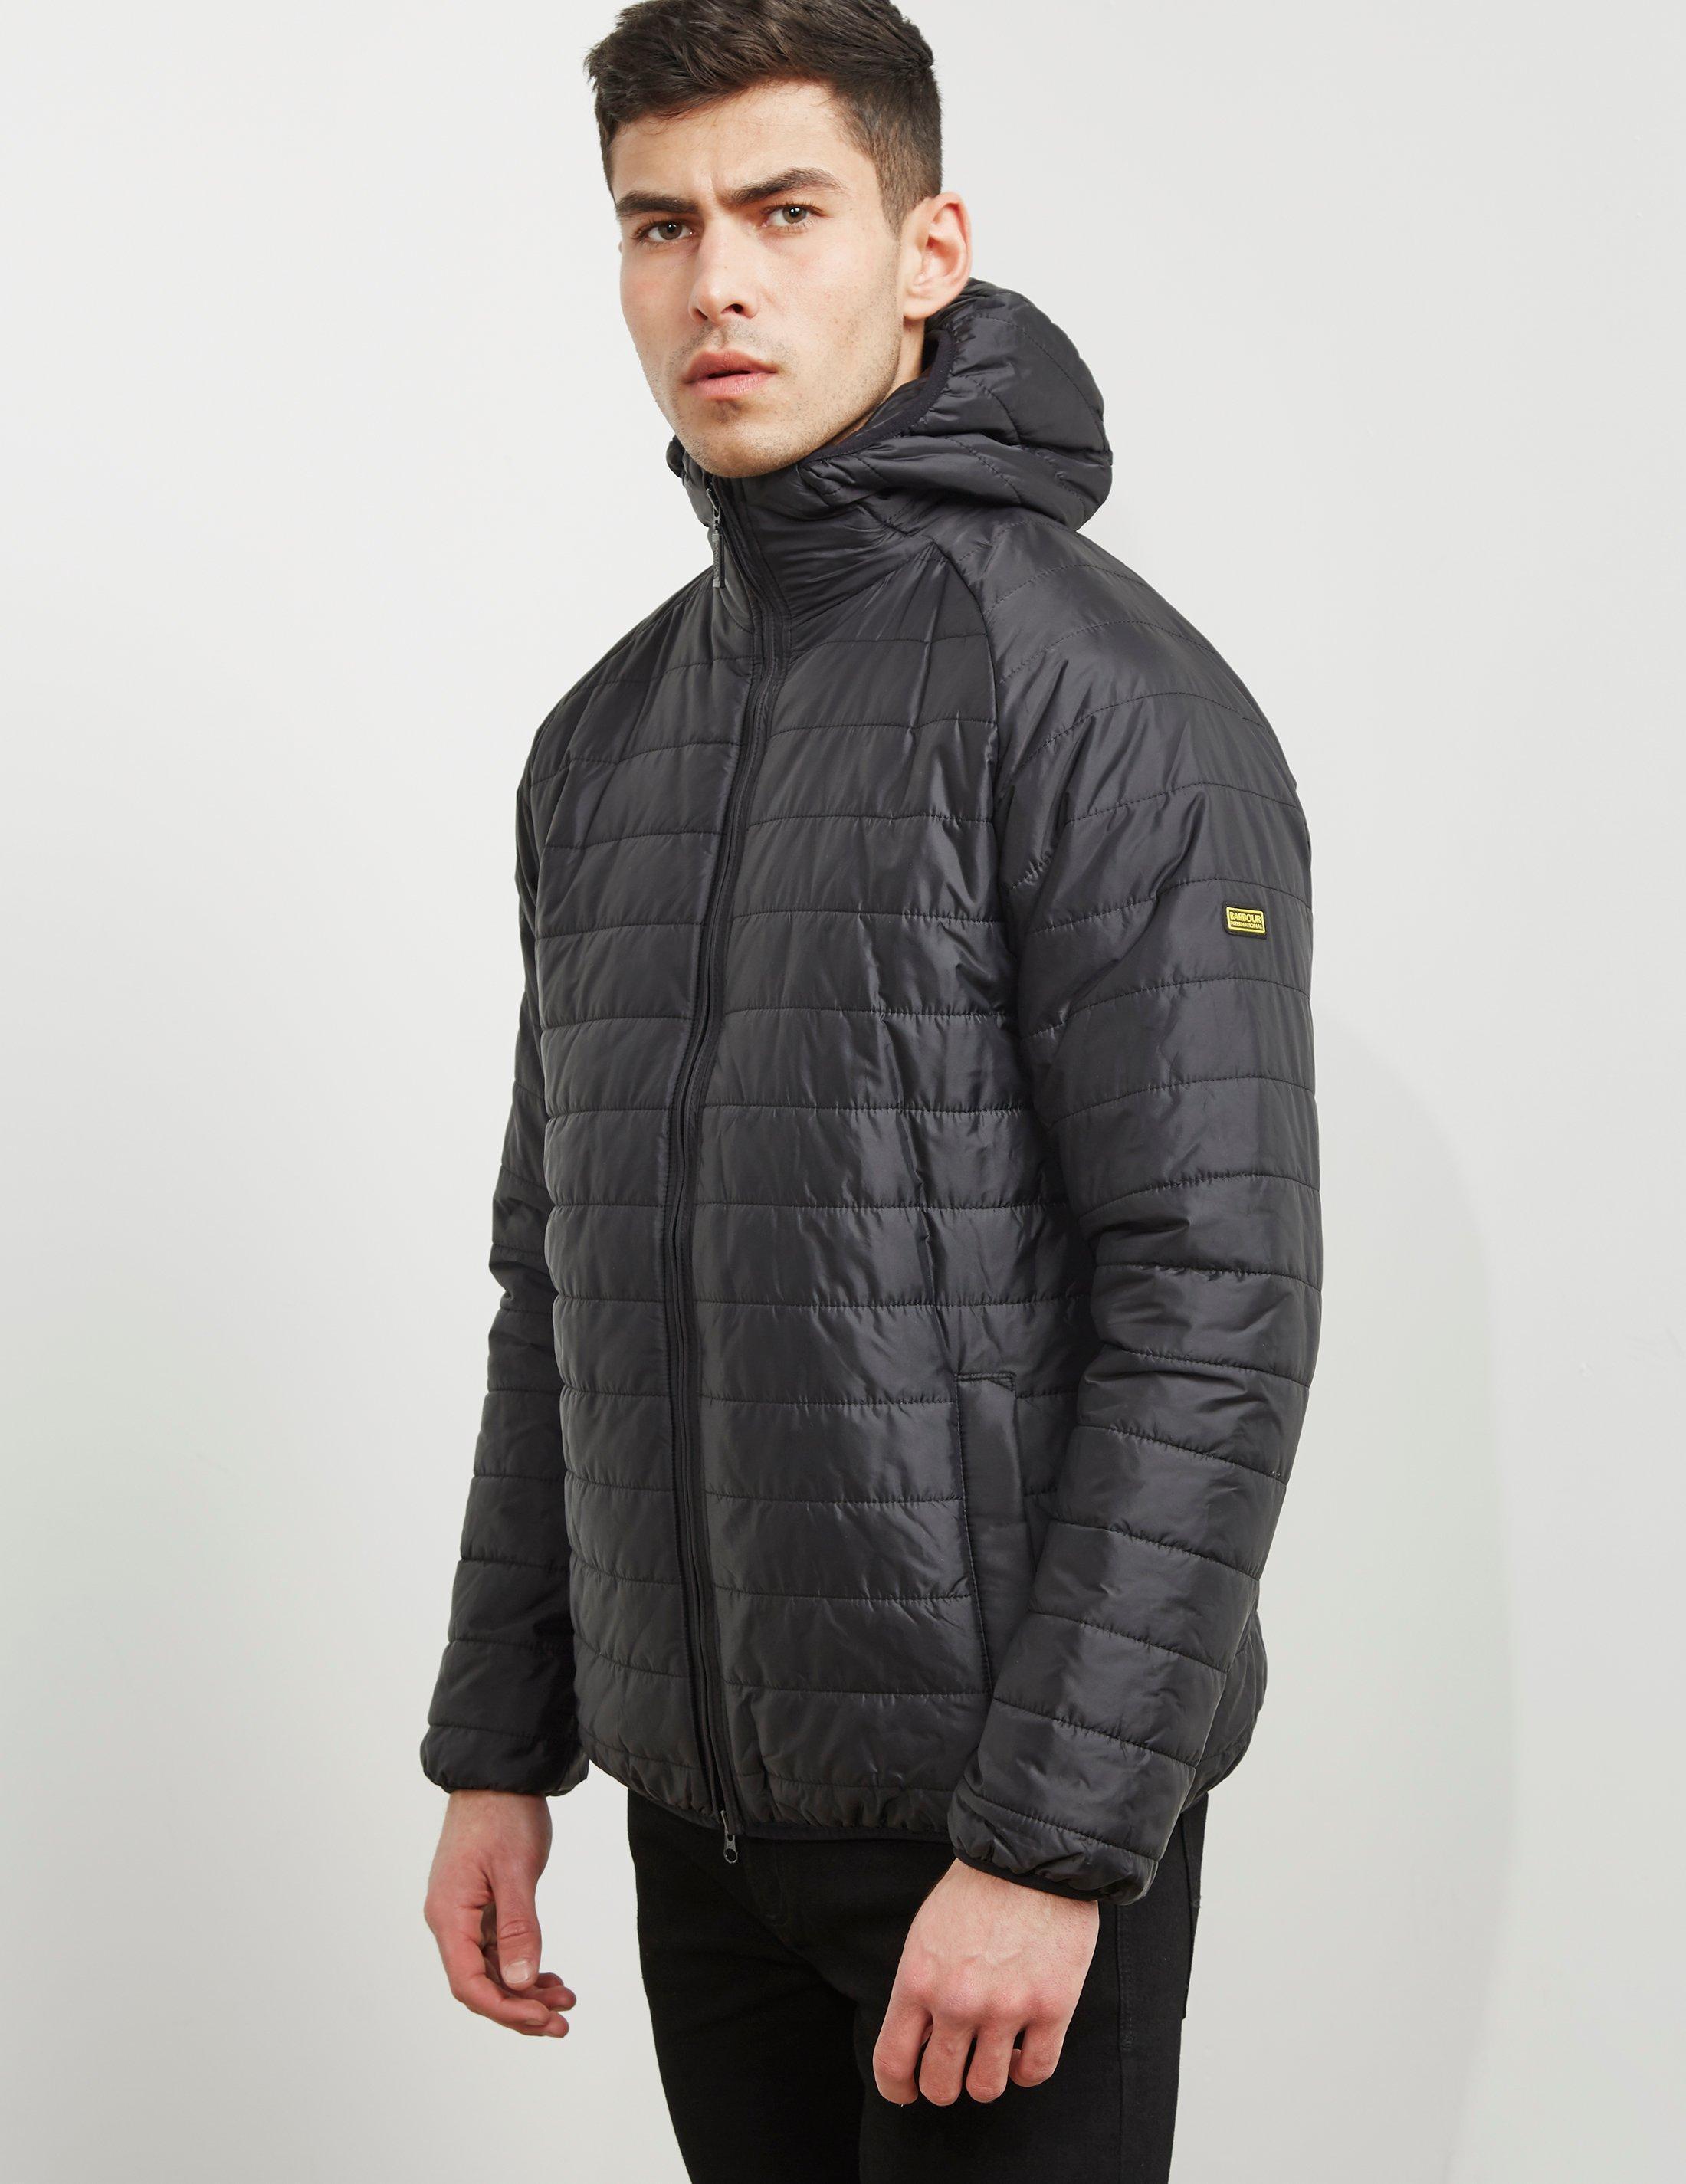 Barbour coat sale uk